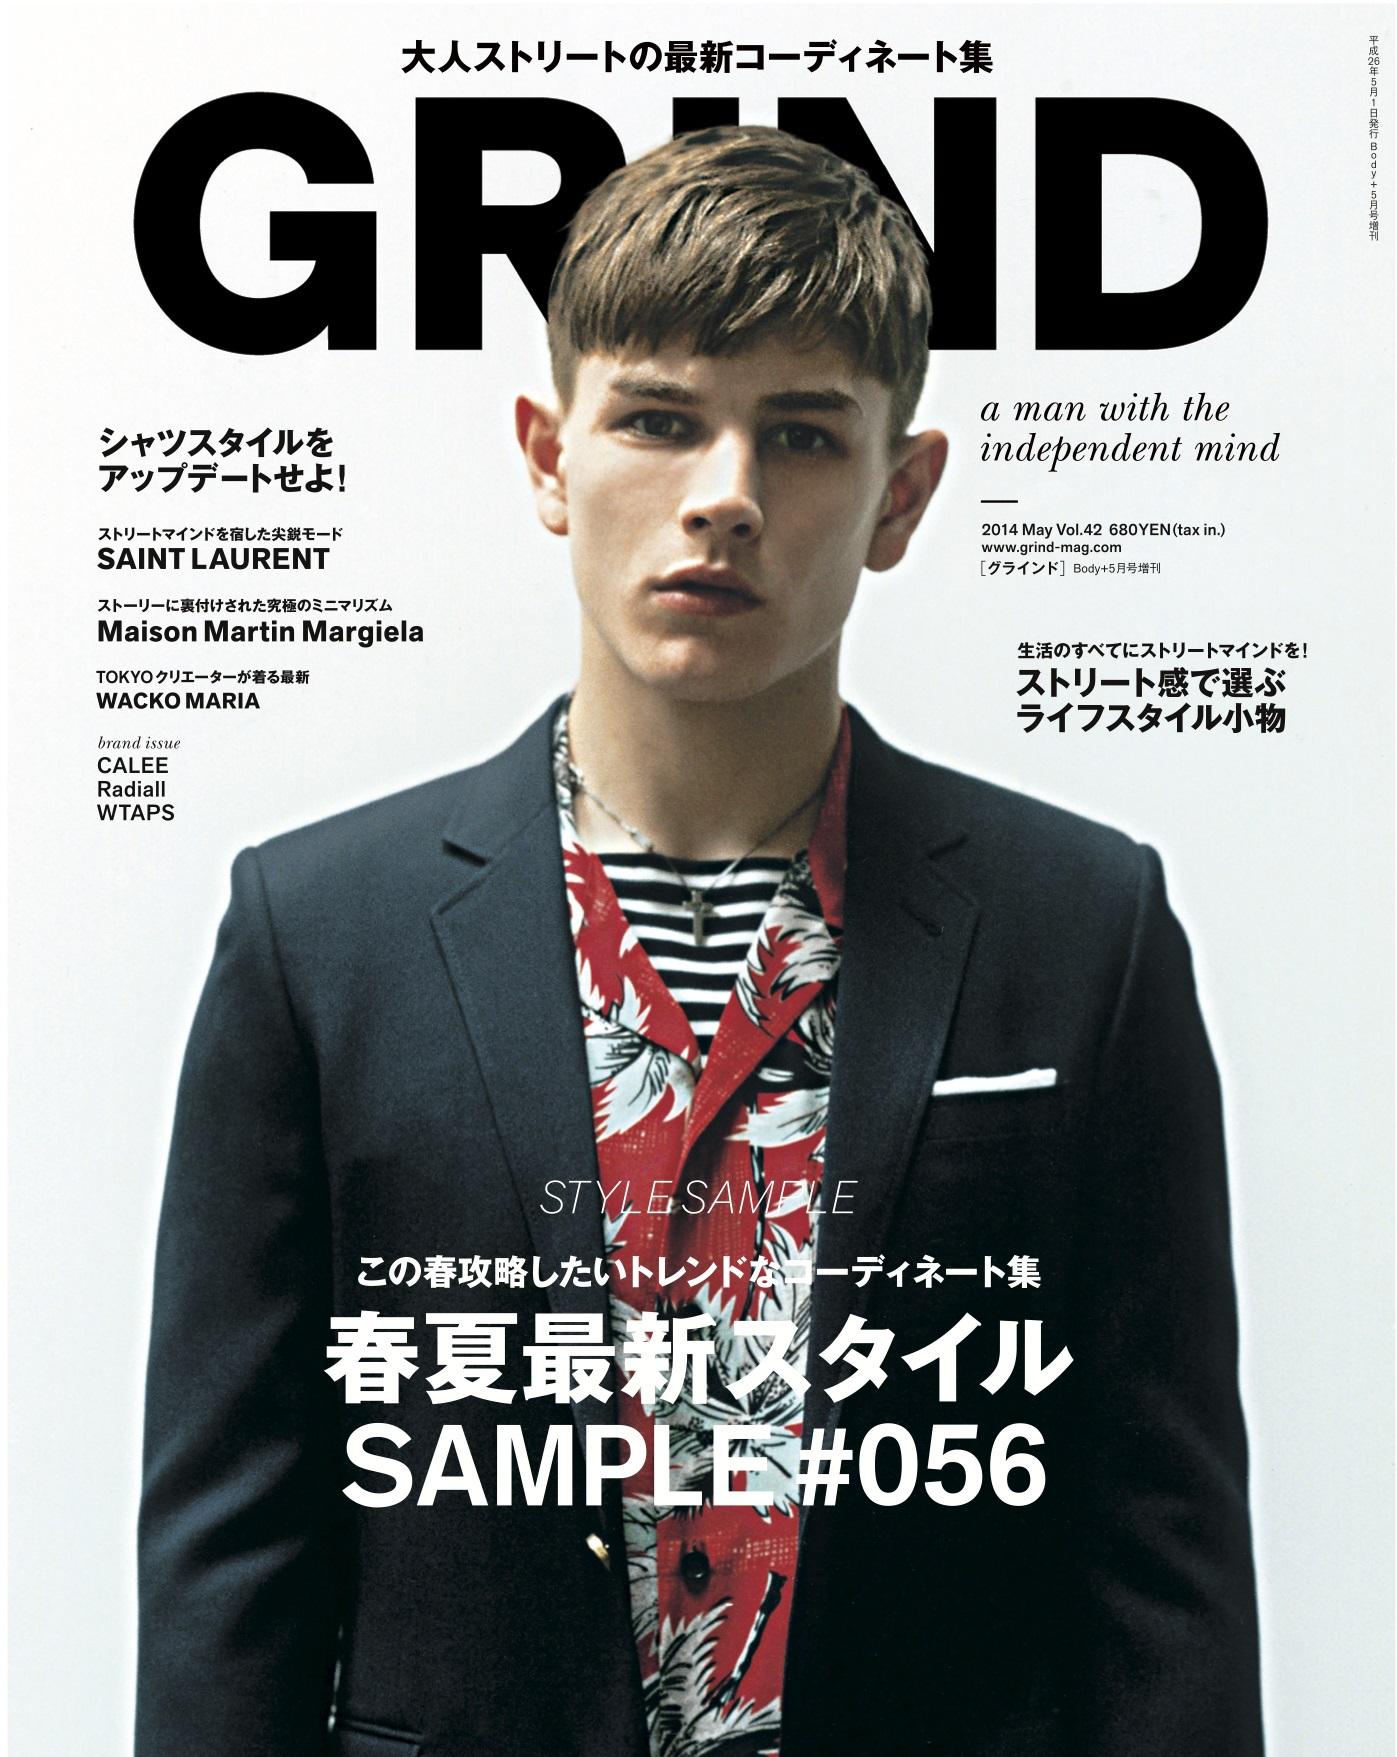 メンズファッション雑誌のおすすめを紹介♪の画像